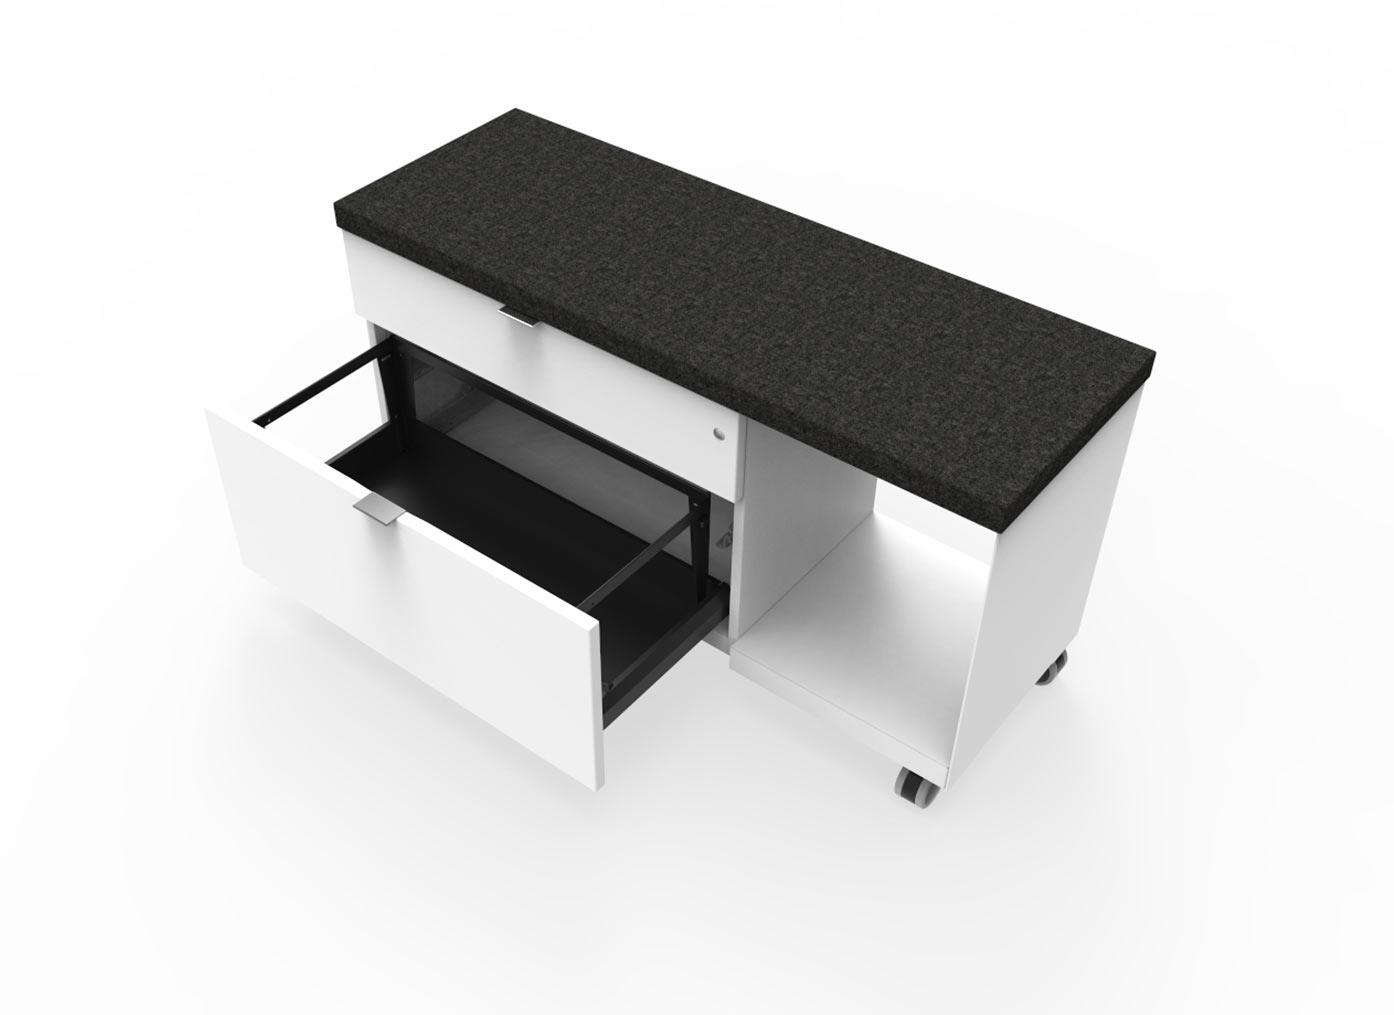 Sidetable met diepe lade en zitkussen